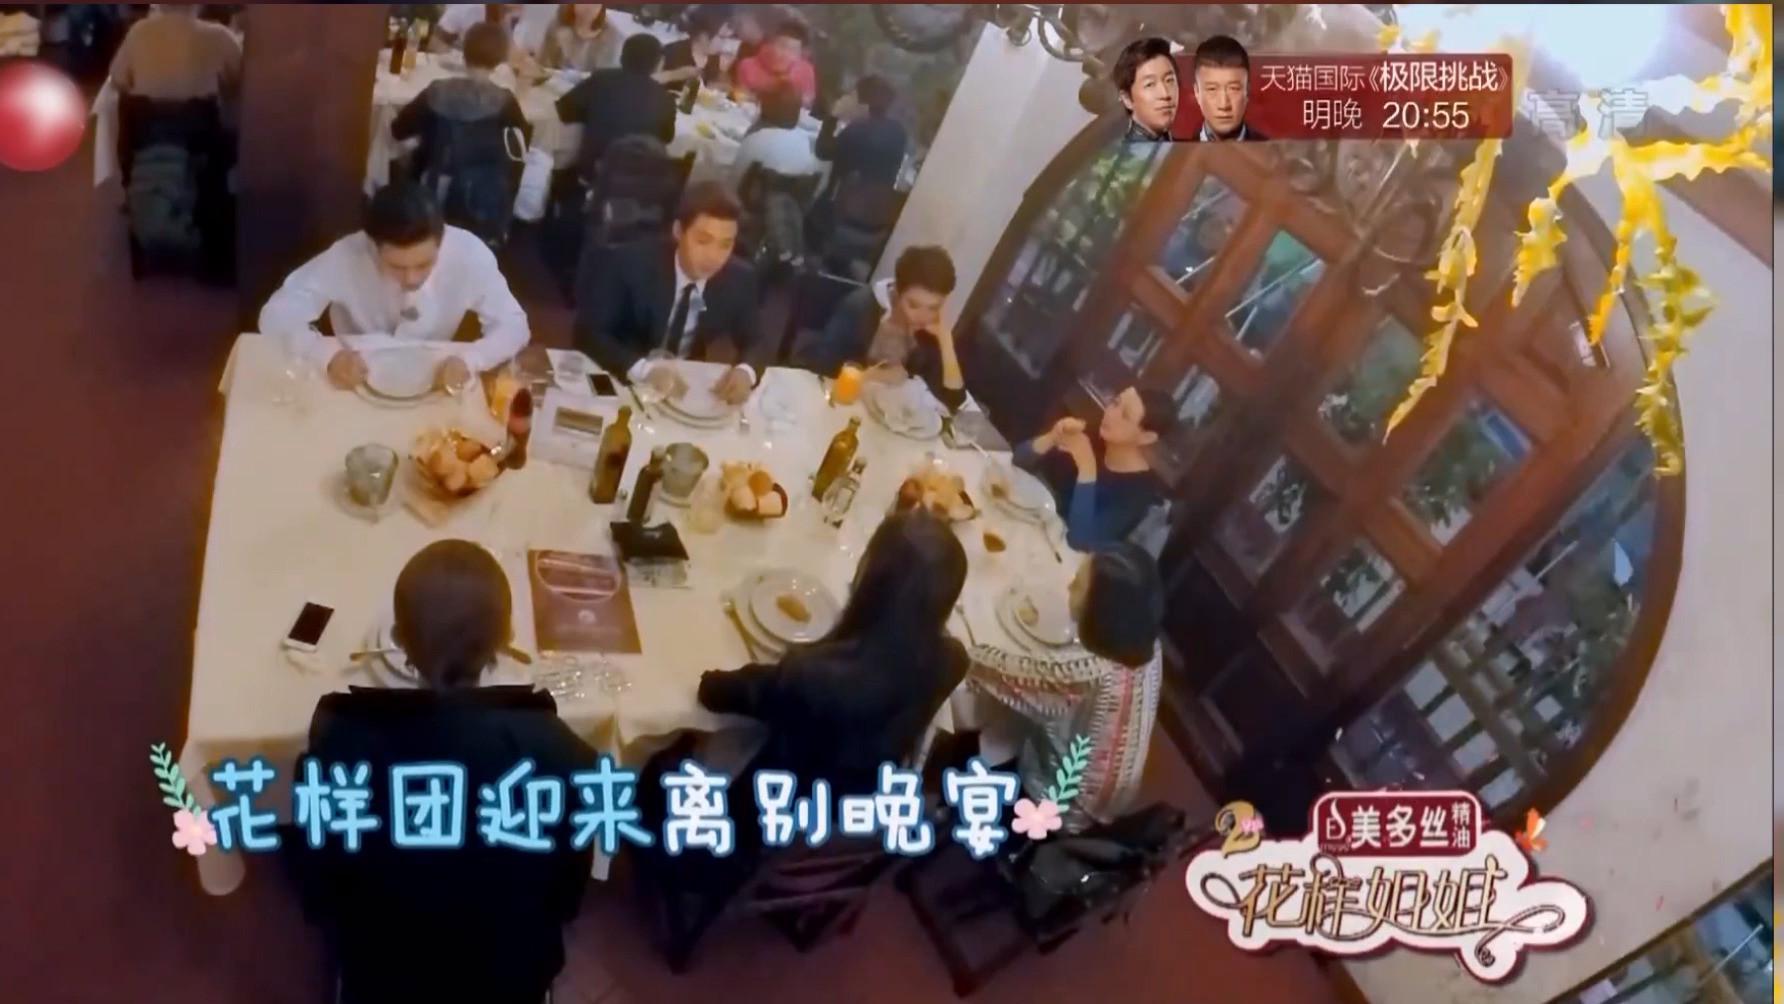 HY:花样团迎来离别晚宴,宋丹丹感悟整段旅程